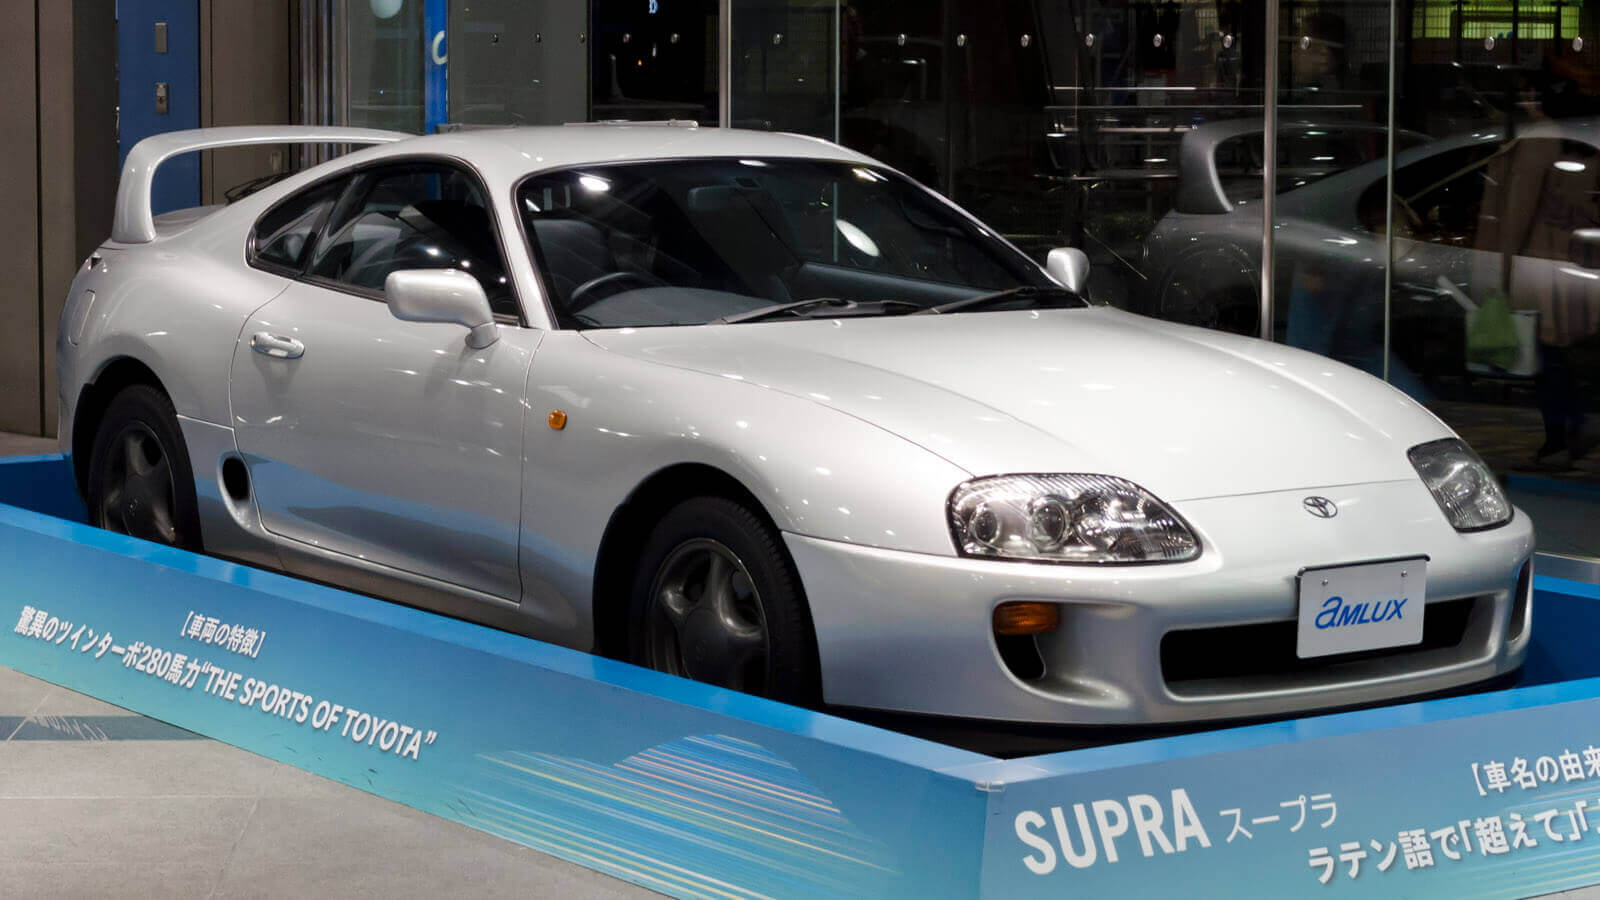 スープラ 80 トヨタ